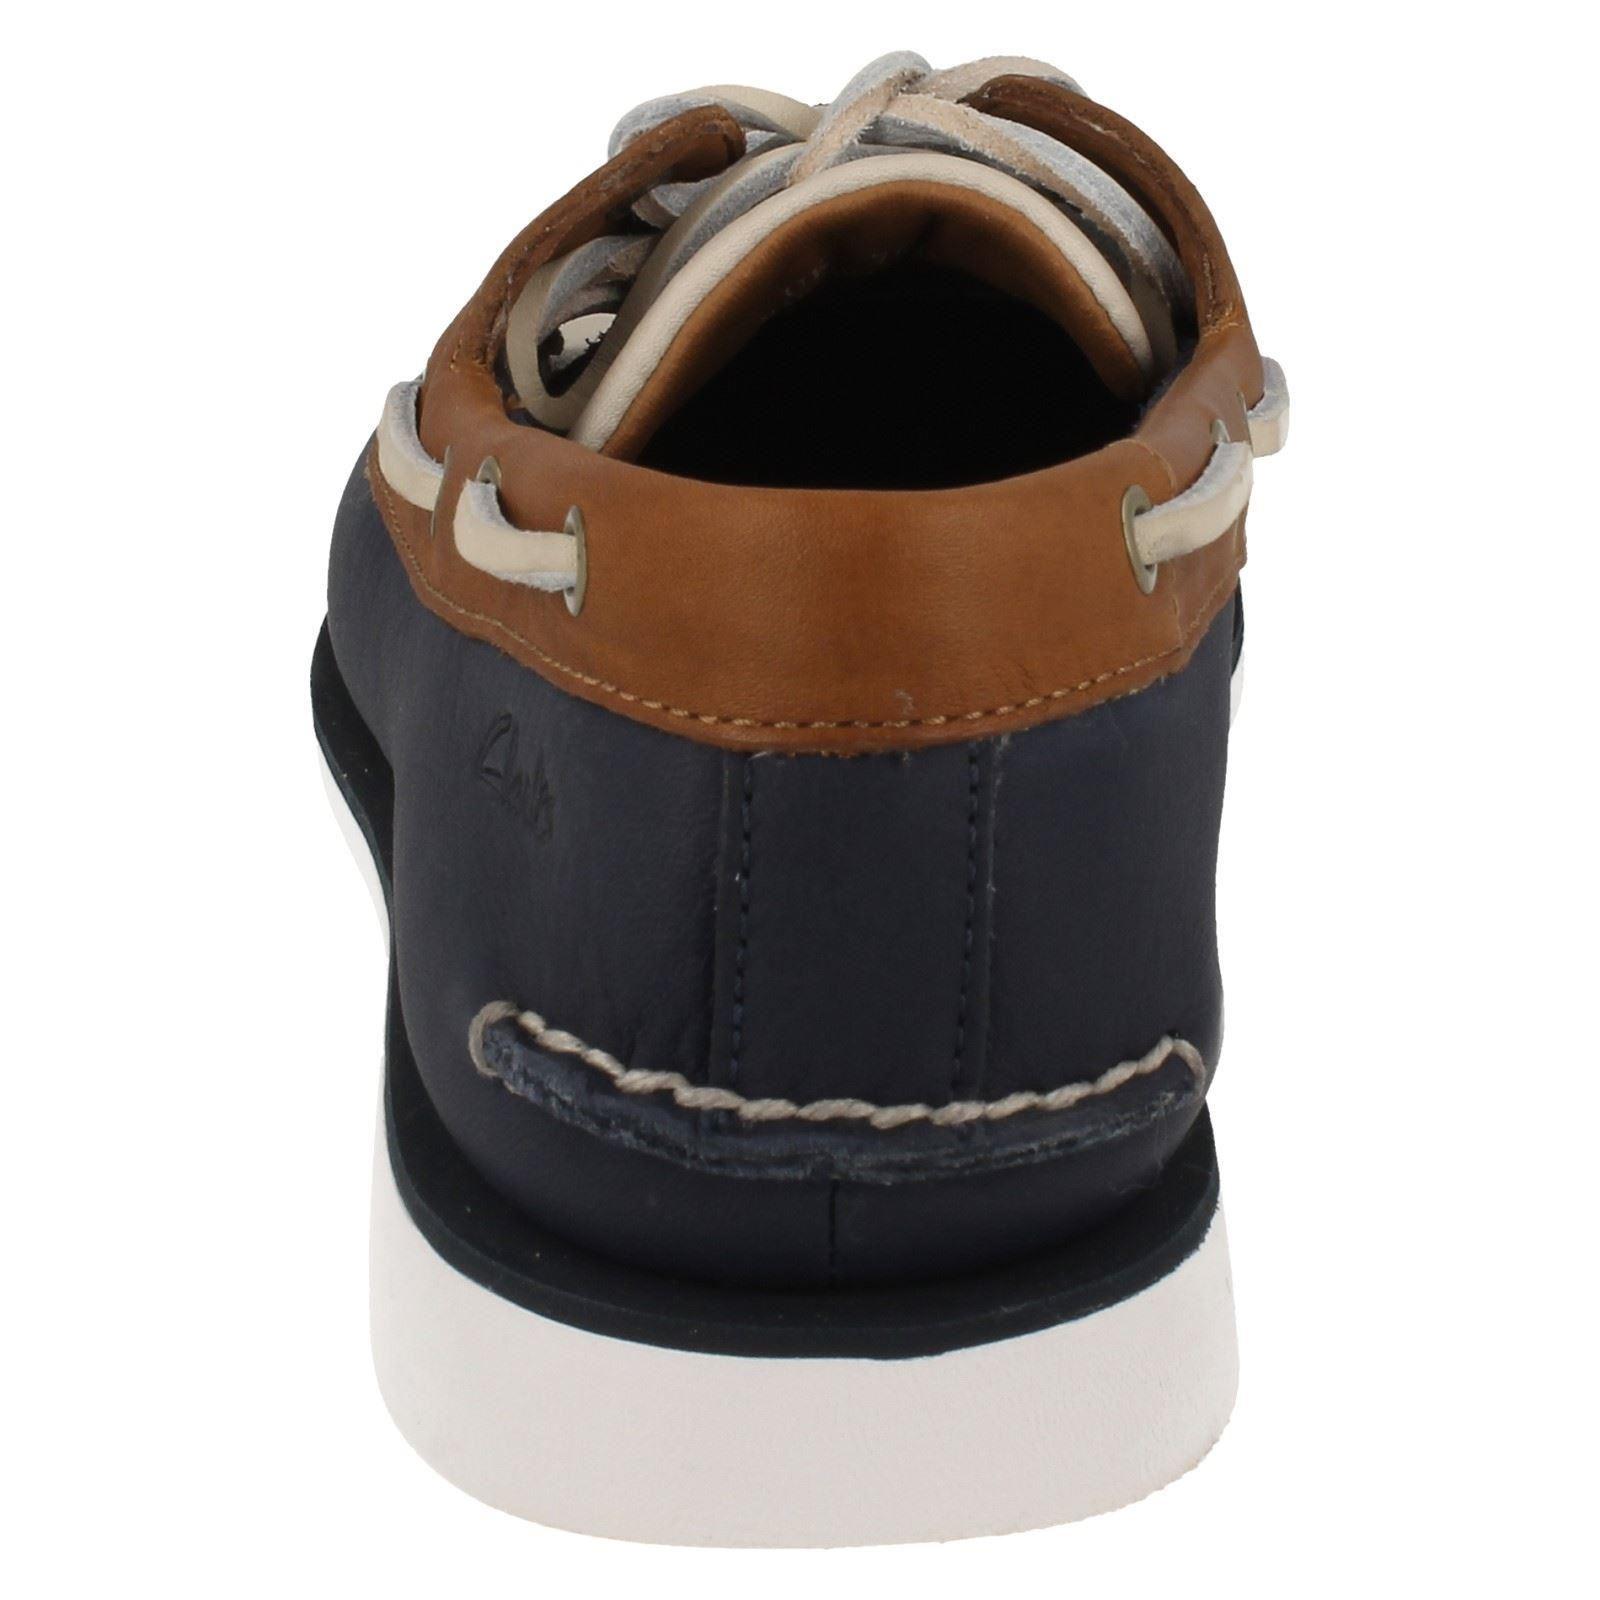 huge discount b028e ae8a7 ... les clarks souliers le style quay port port port f68162 ...